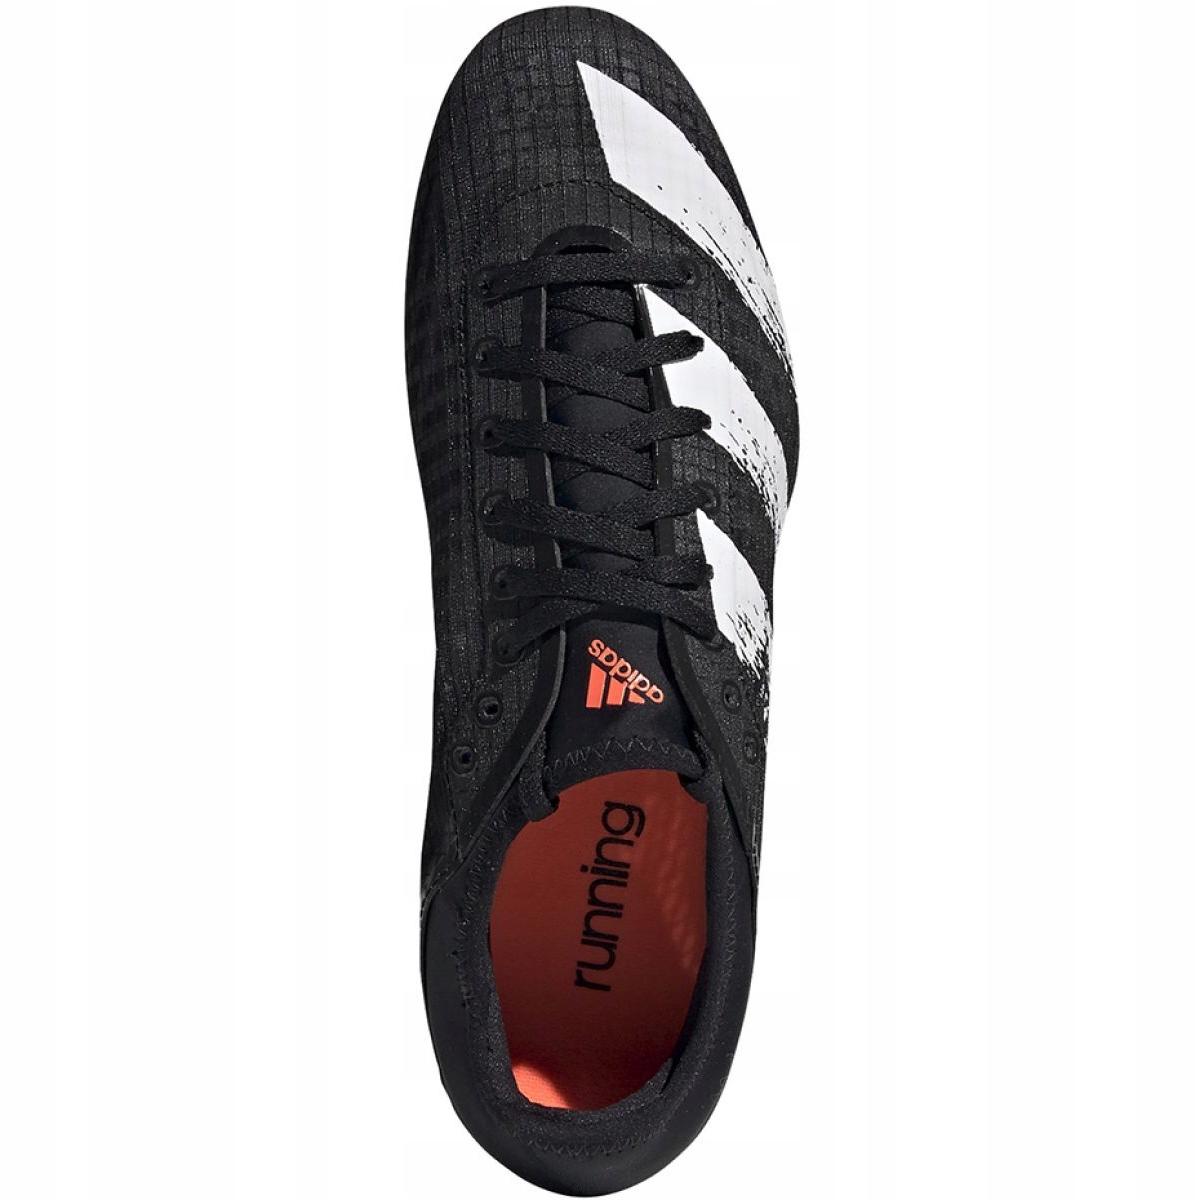 Adidas Sprintstar m spikes M EG1199